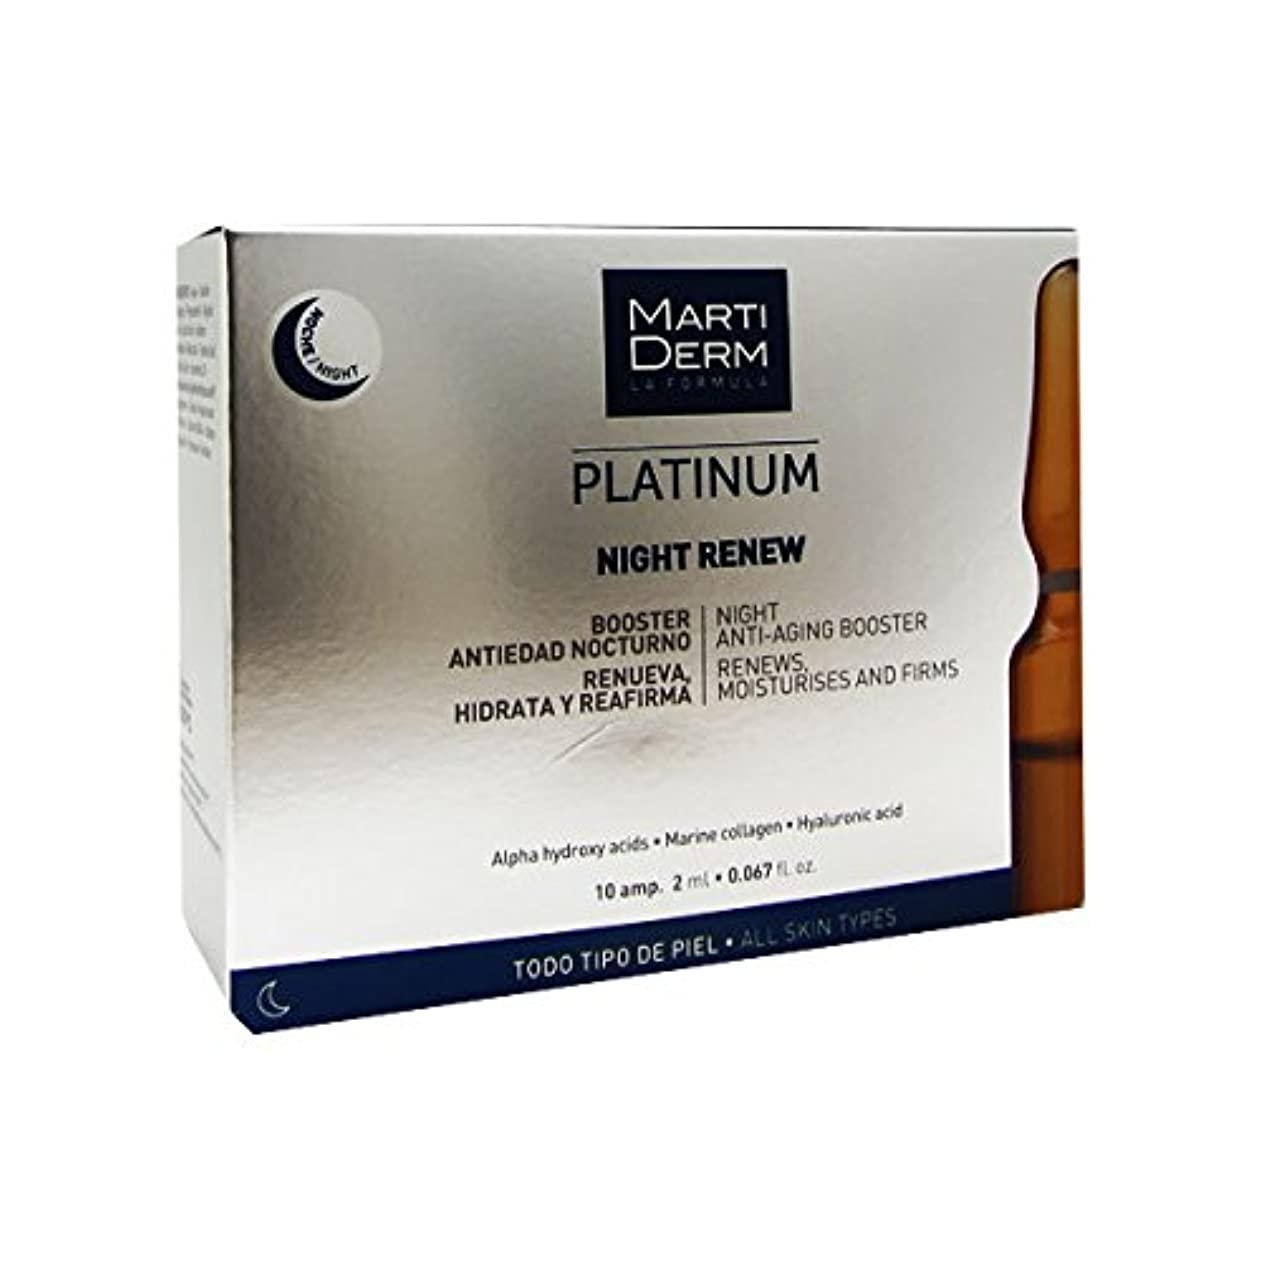 チャンピオンシップステップトマトMartiderm Platinum Night Renew Ampoules 10ampx2ml [並行輸入品]